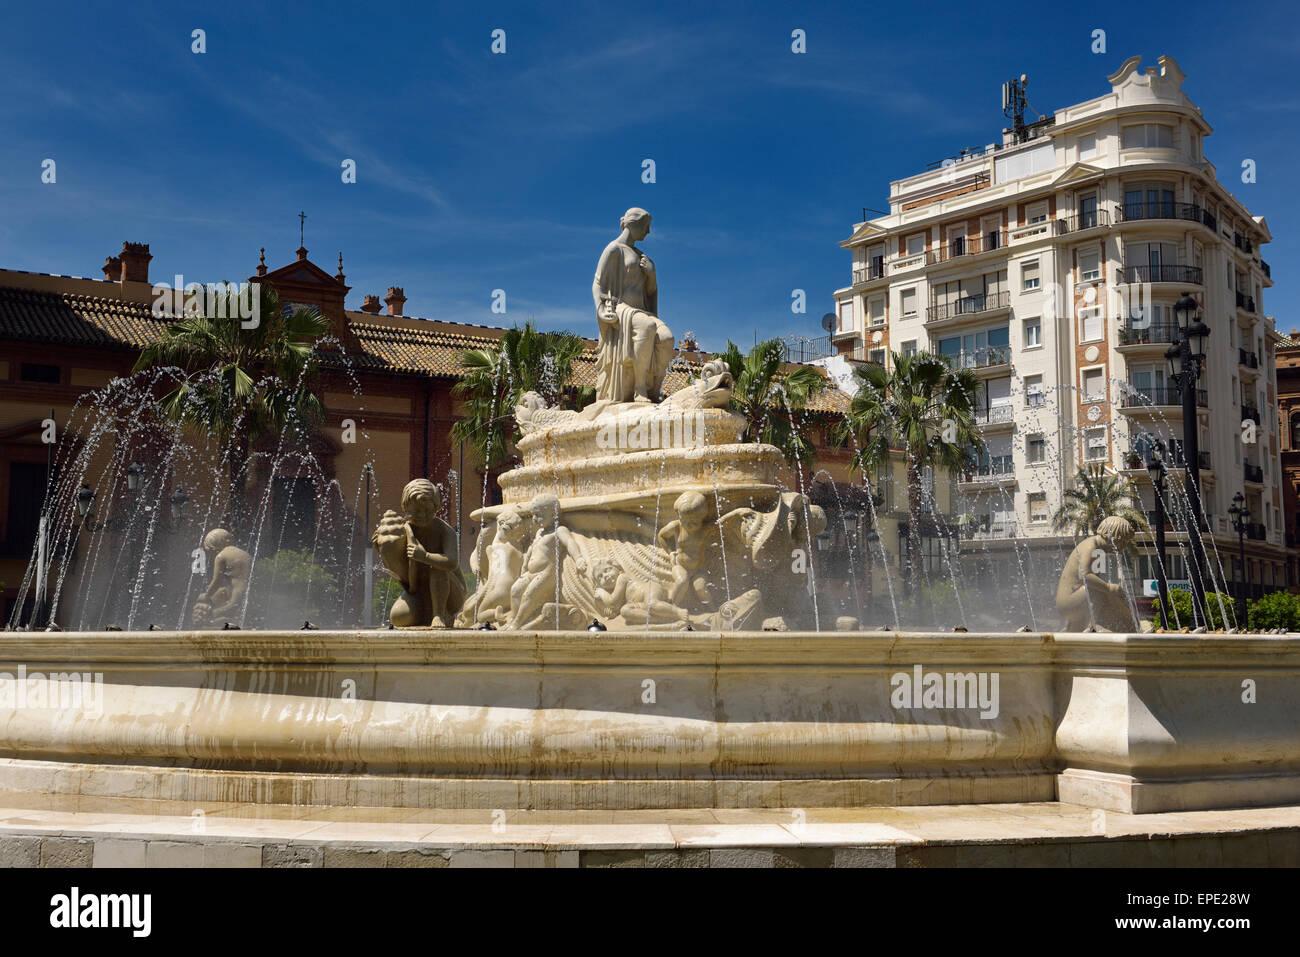 La fontaine de hispalis avec néréide nymphes de la mer à Puerto de Jerez en Espagne Séville Photo Stock